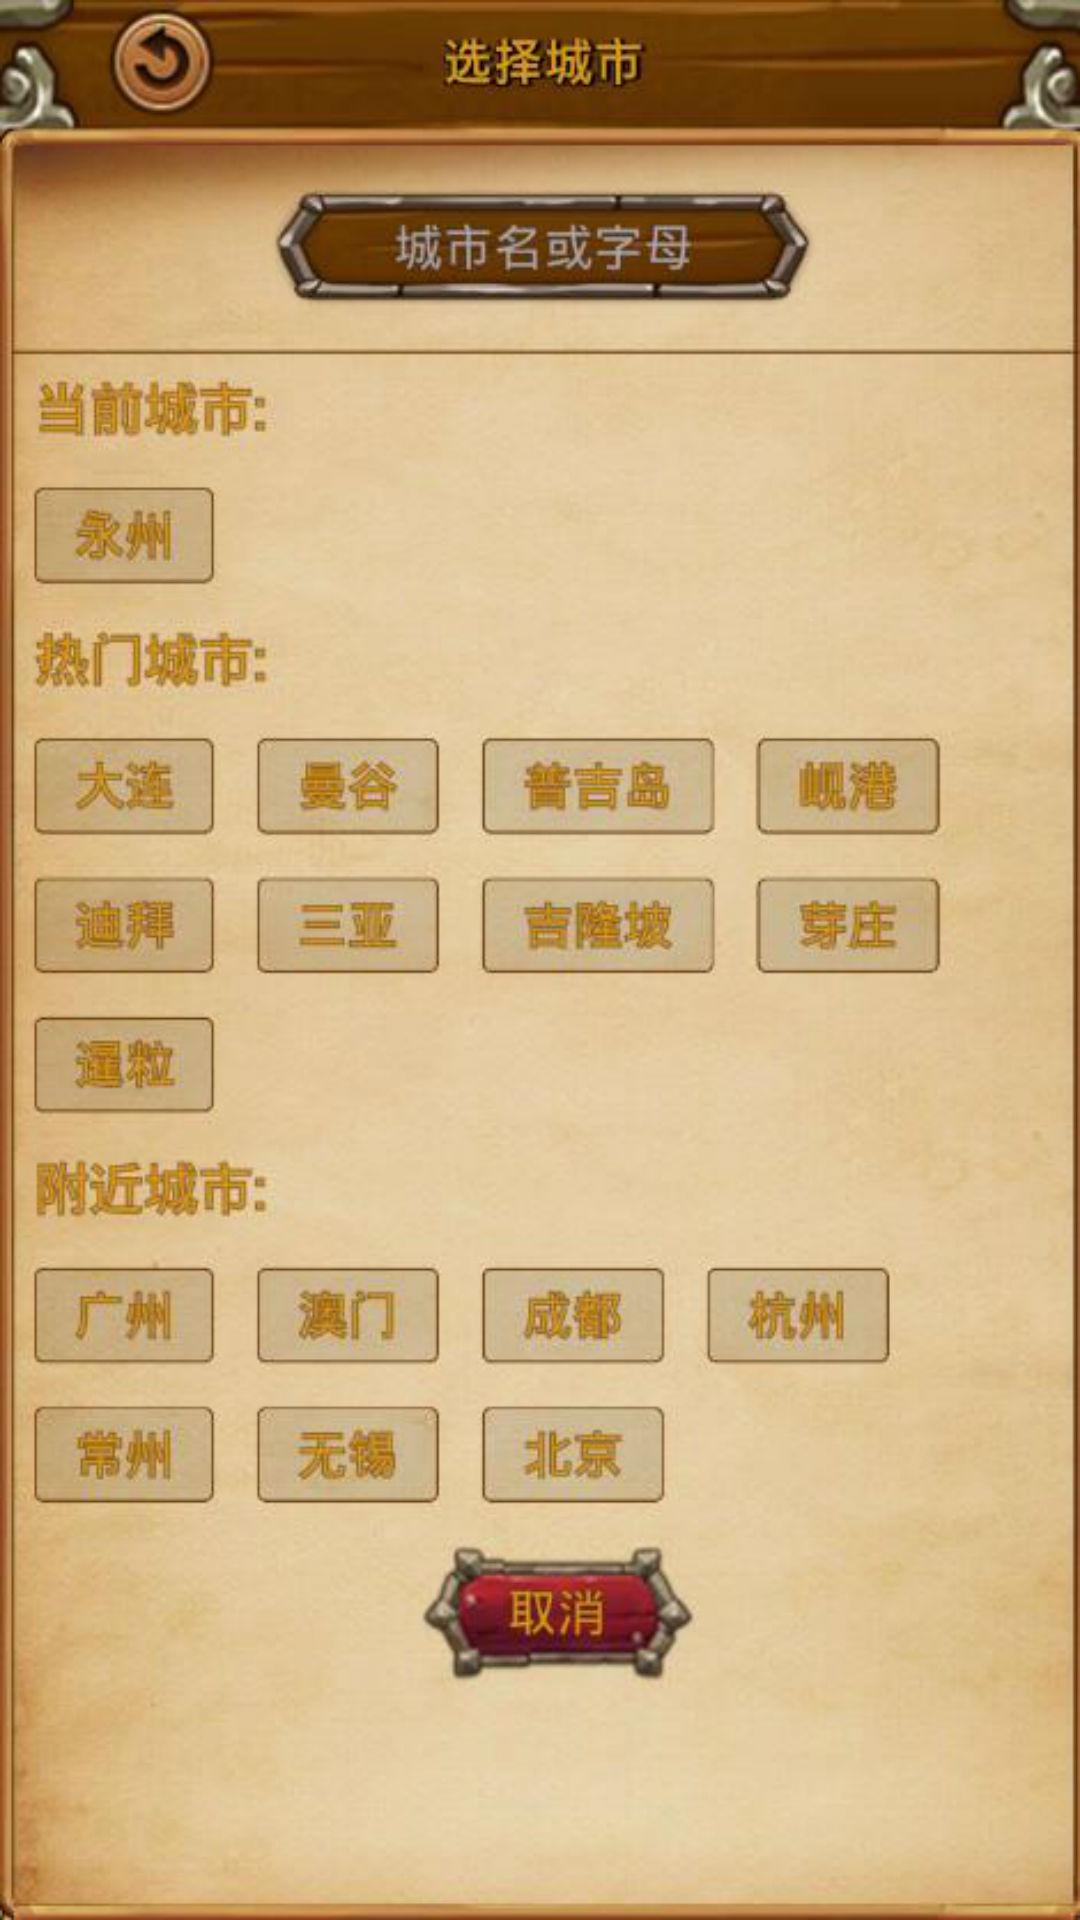 爱拼机-应用截图